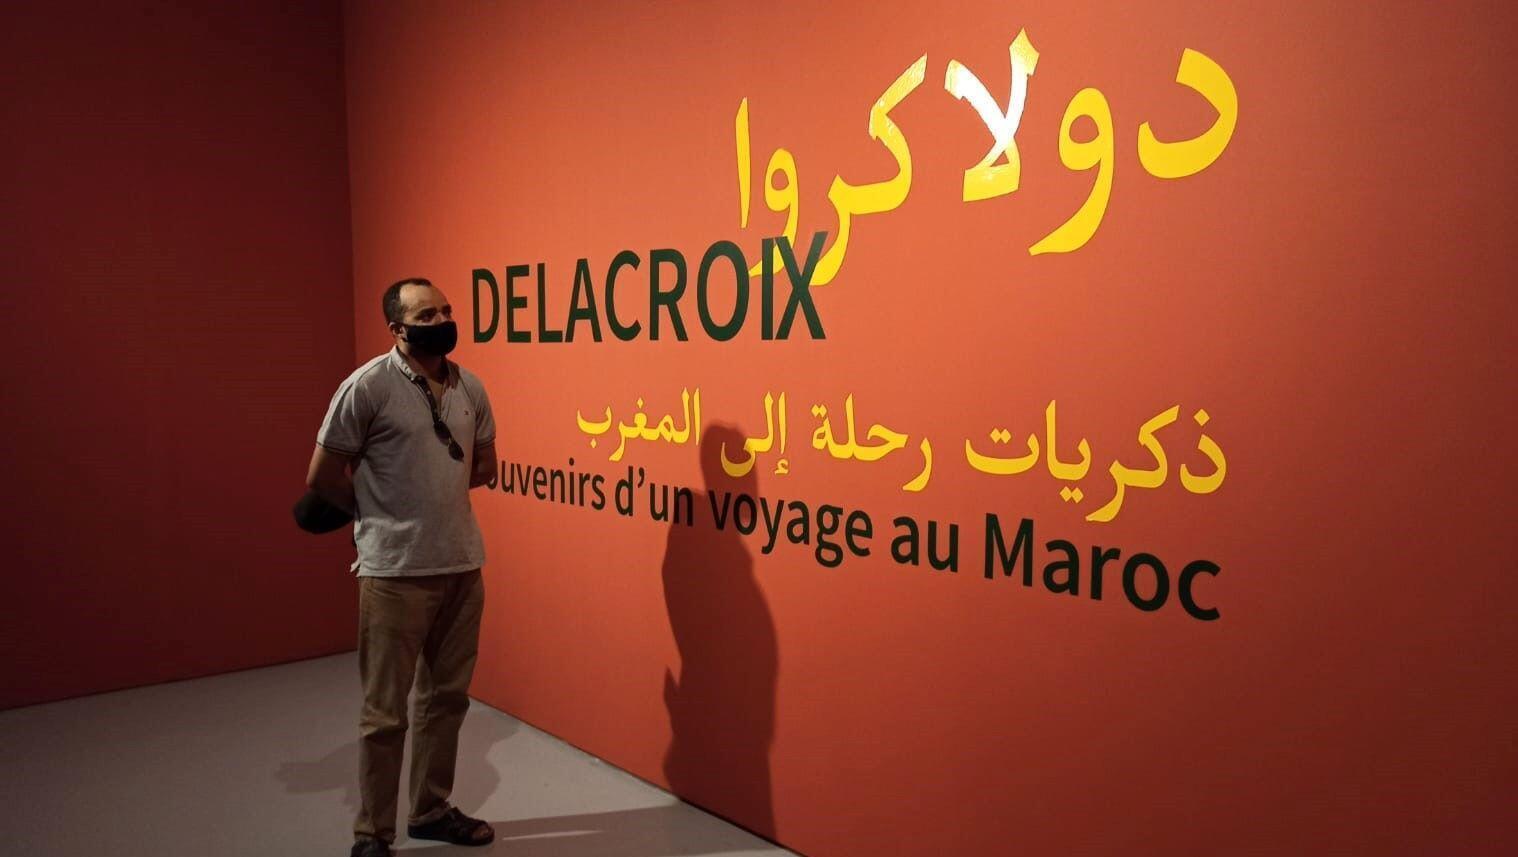 معرض دولاكروا في المغرب